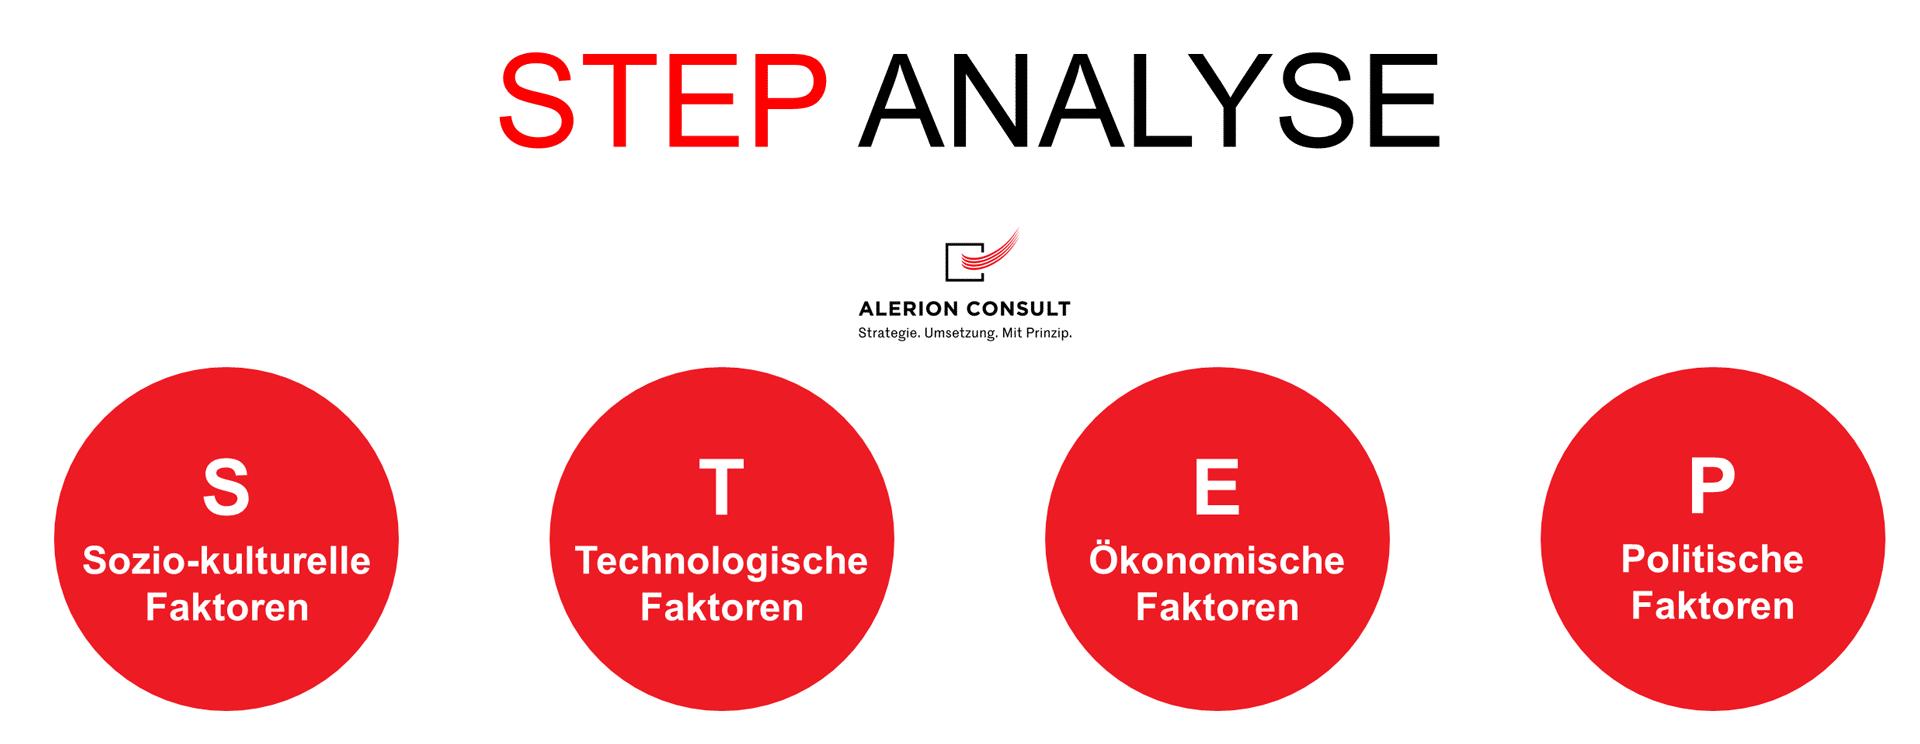 STEP Analyse - Strategieentwicklung Alerion